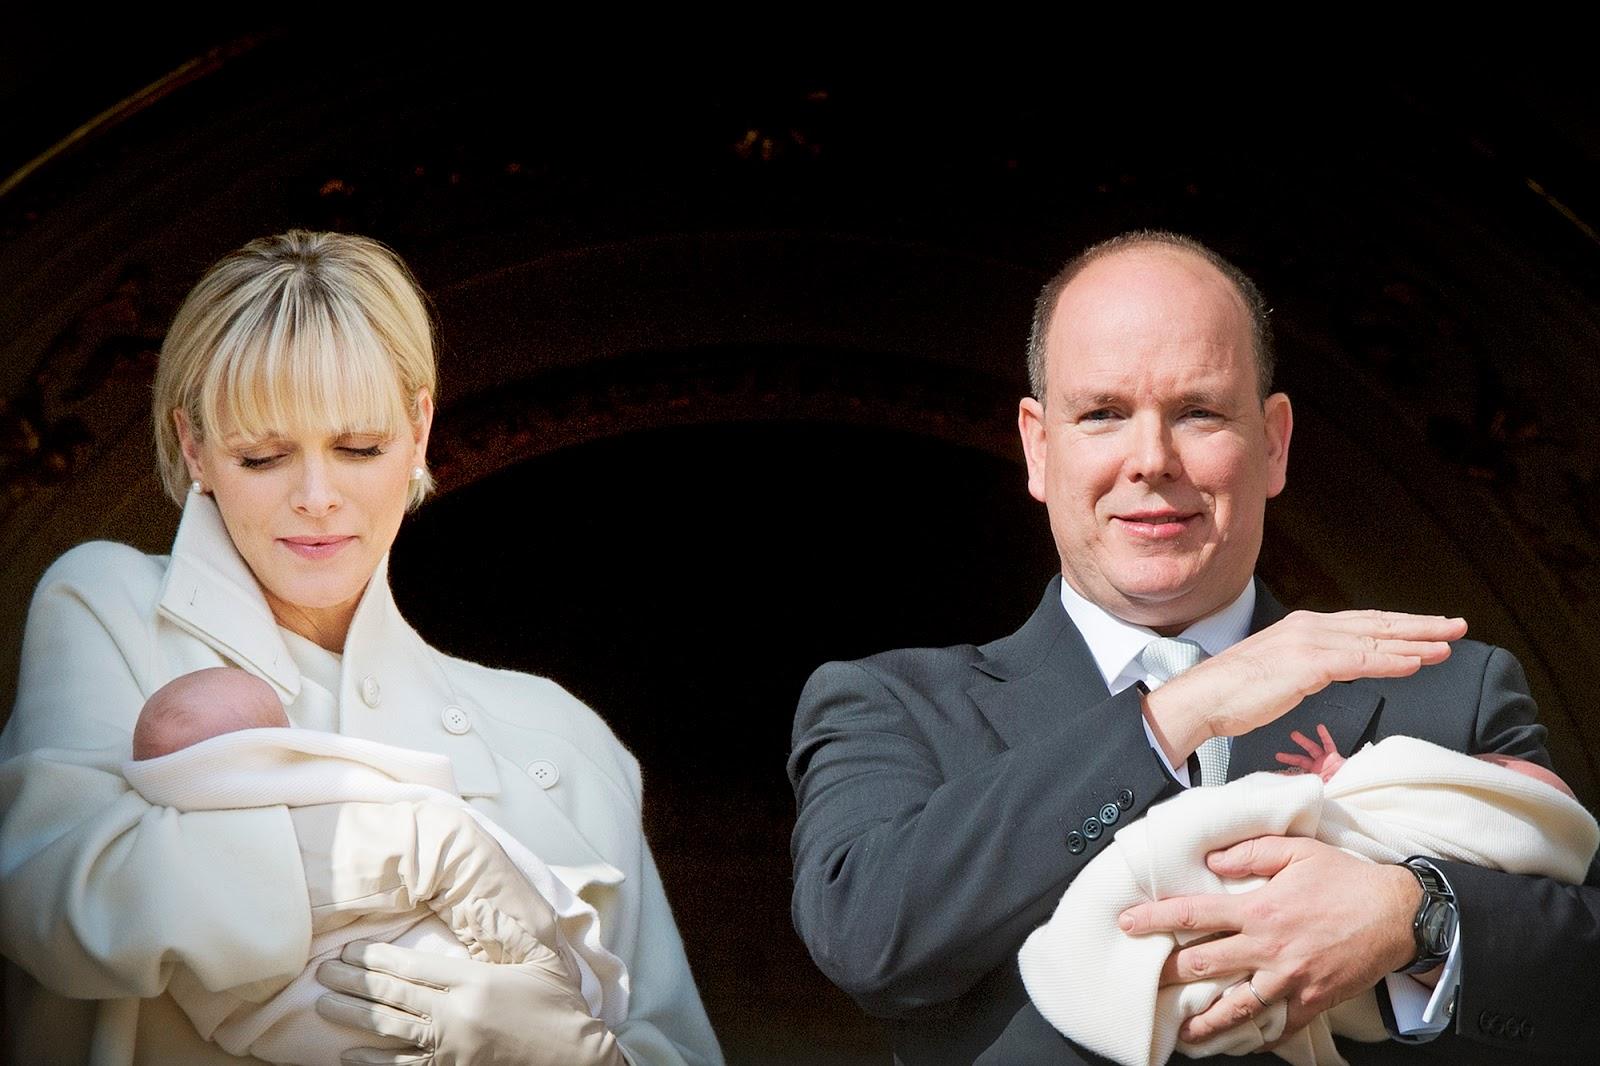 Monaco News: Latest News On The Baptism Of Prince Jacques And Princess